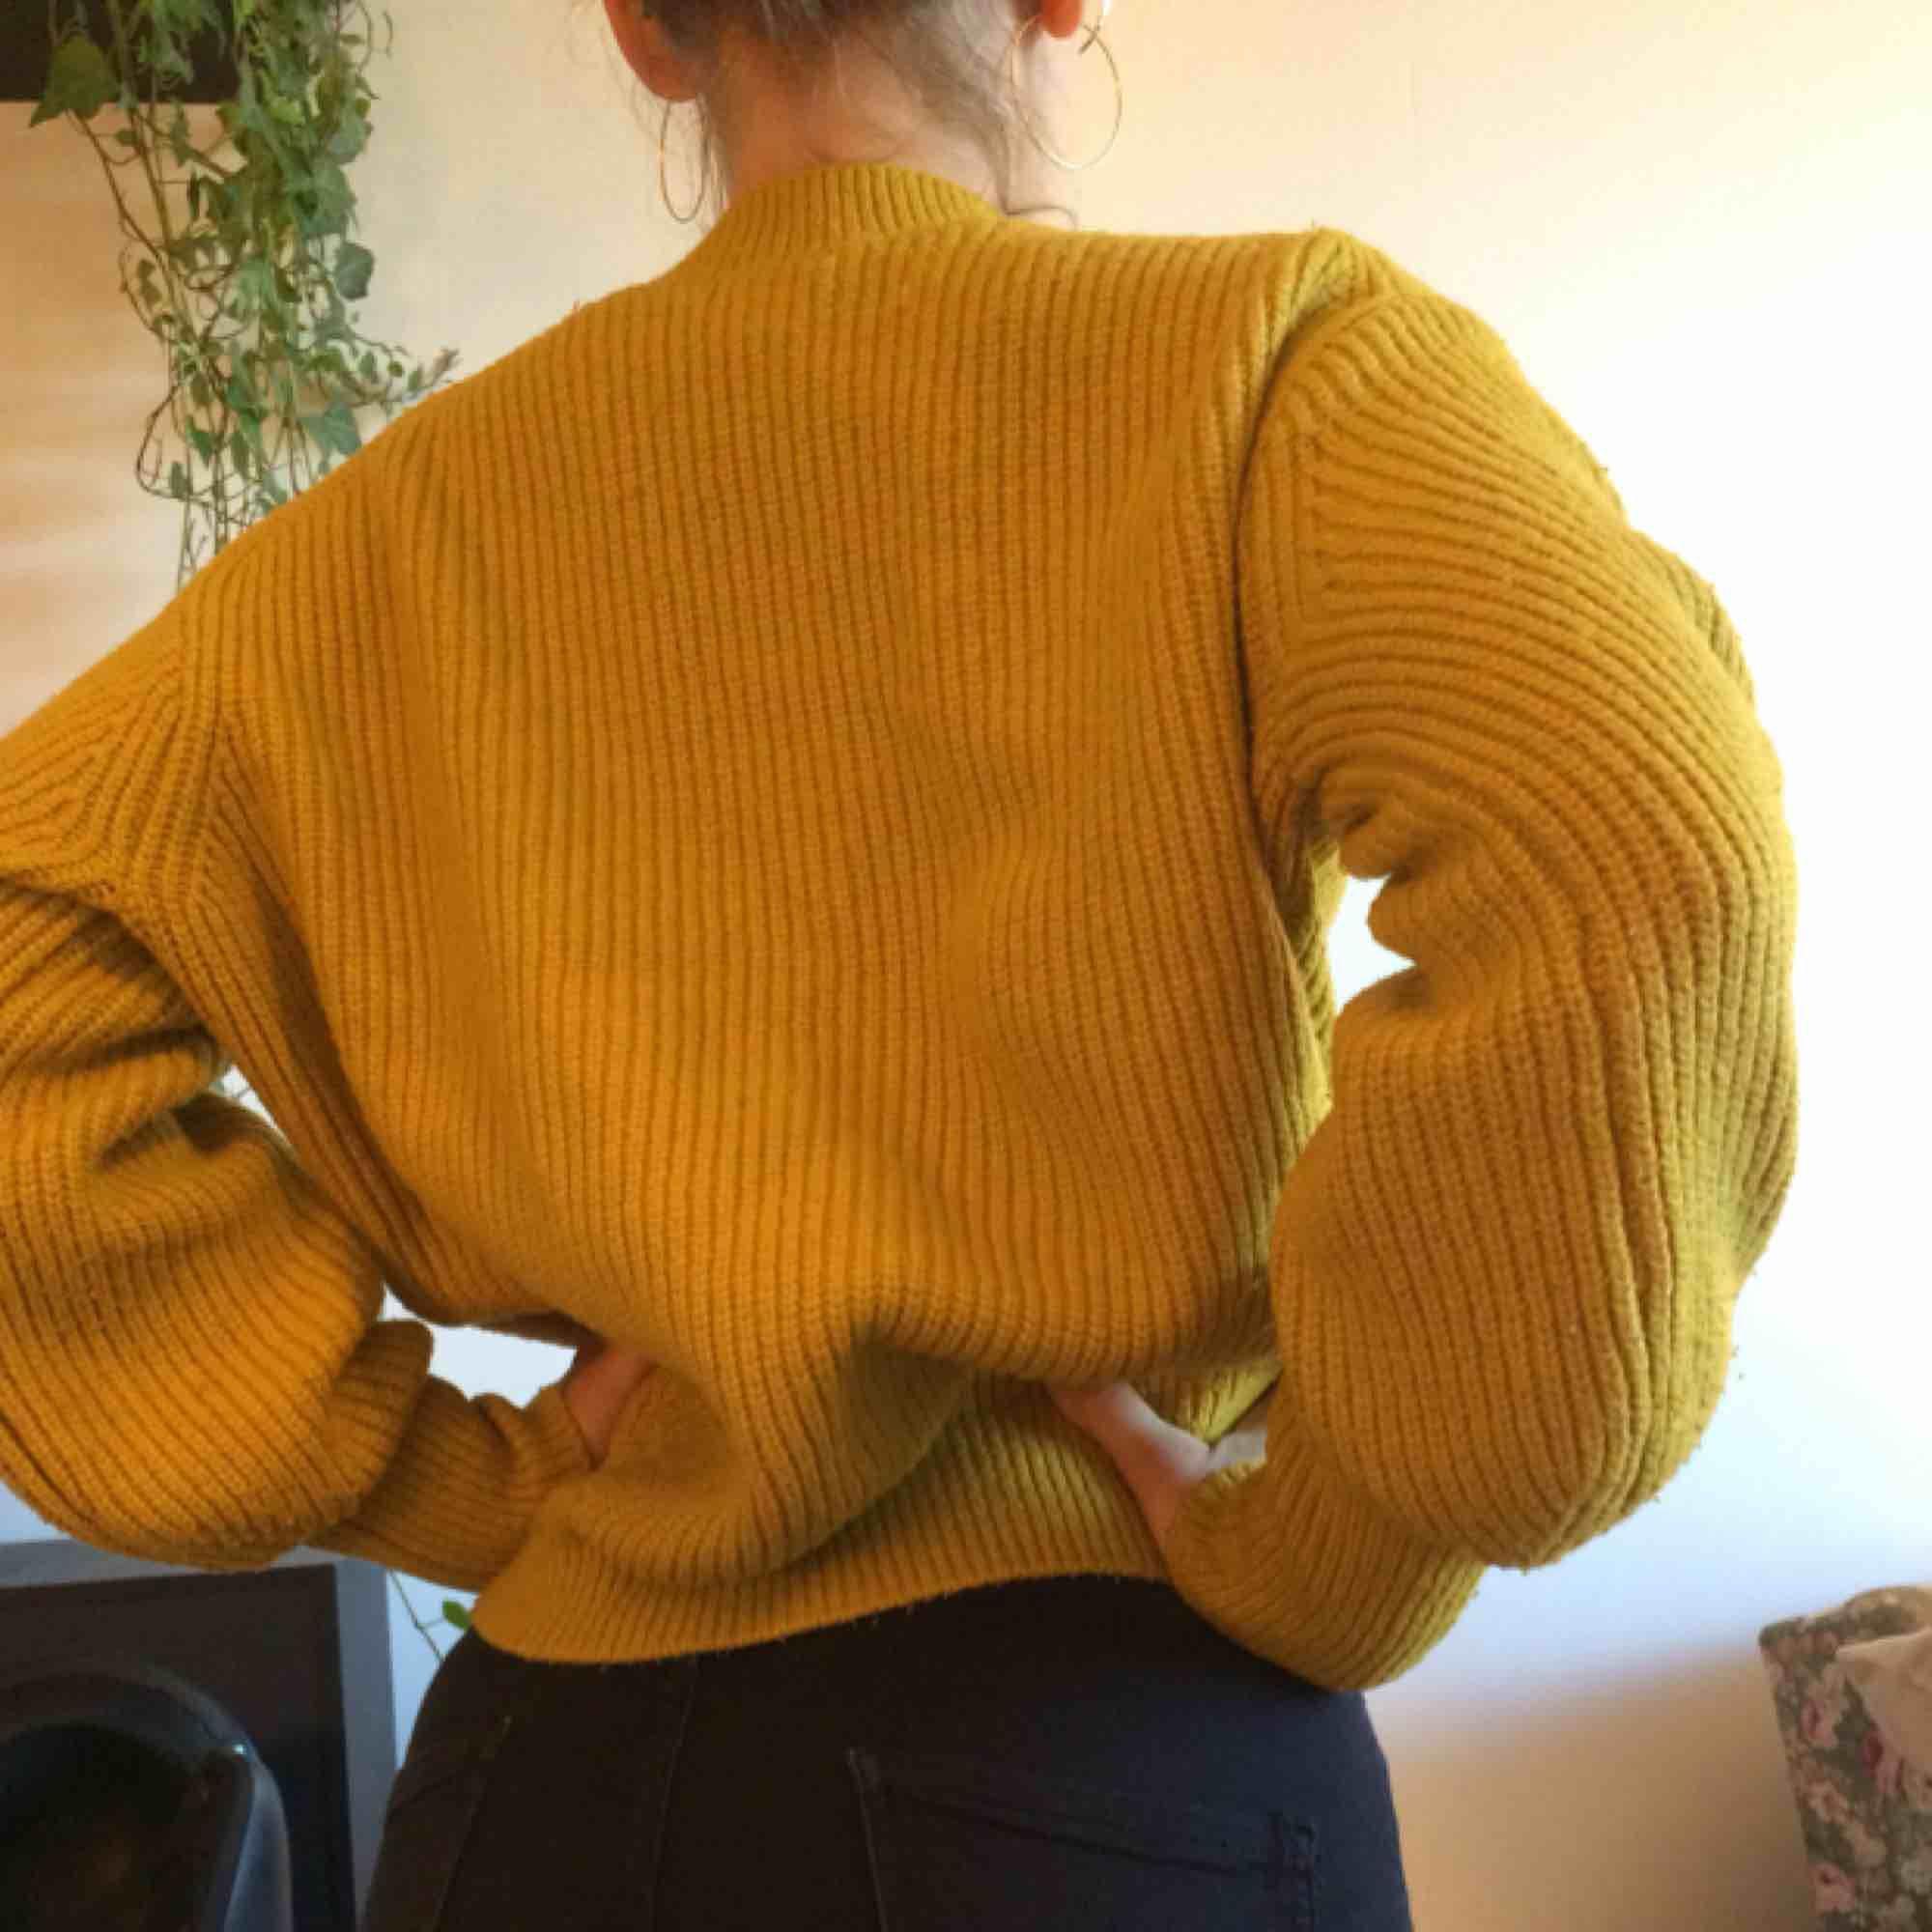 Superskön stickad gul tröja. Väl använd men tjock och gosig. Frakt ingår i priset!. Stickat.